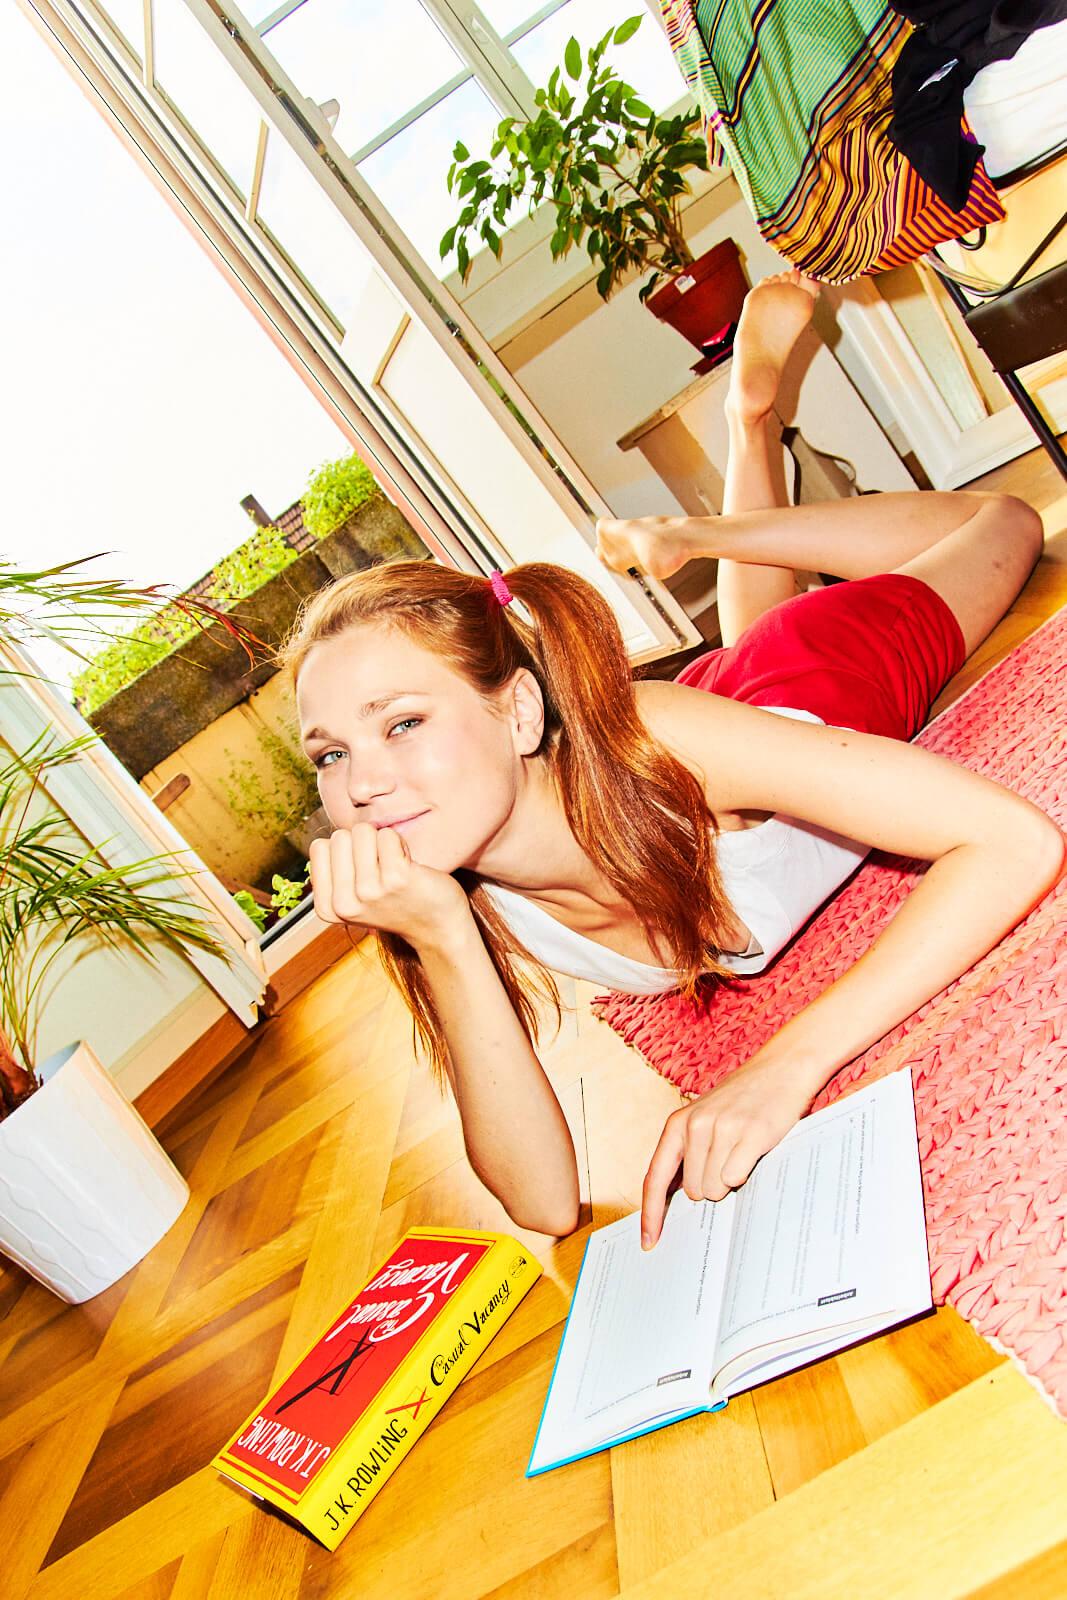 Nextdoormodel Lolita Schweiz